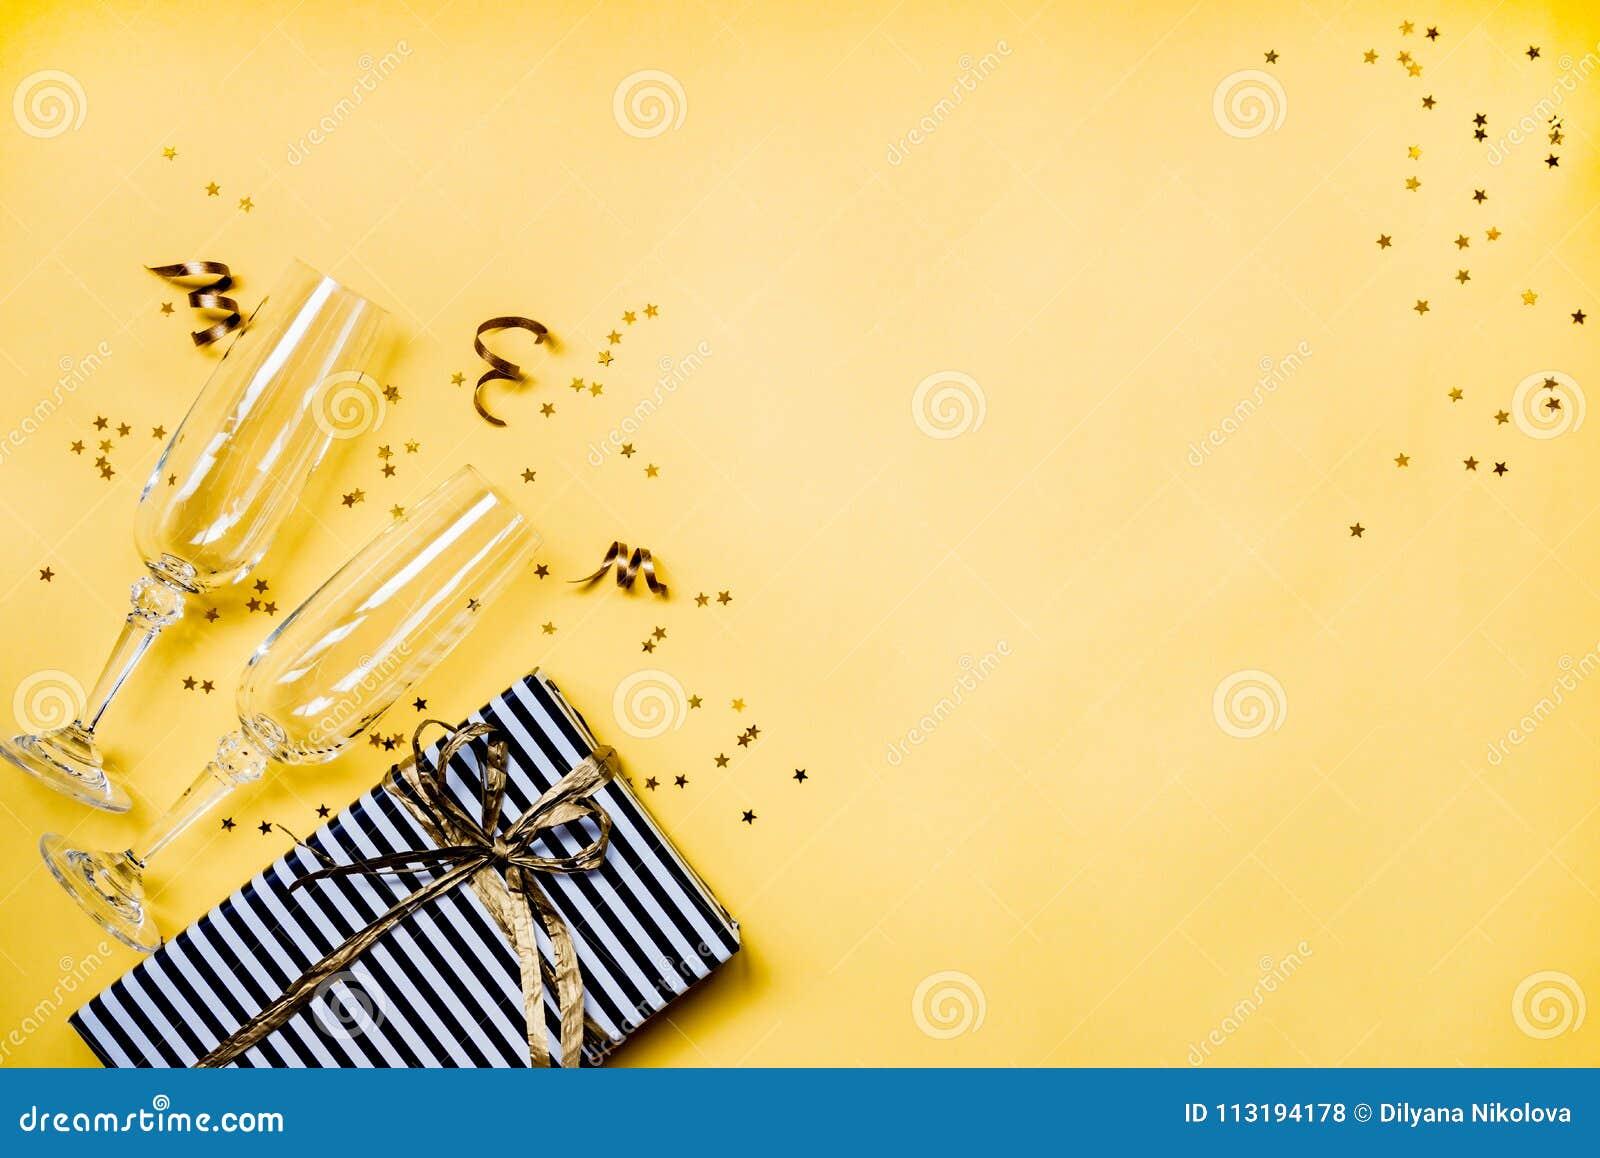 Berömbakgrund - bästa sikt av två chrystal champagneexponeringsglas, en gåvaask som slås in i svartvitt randigt papper, band